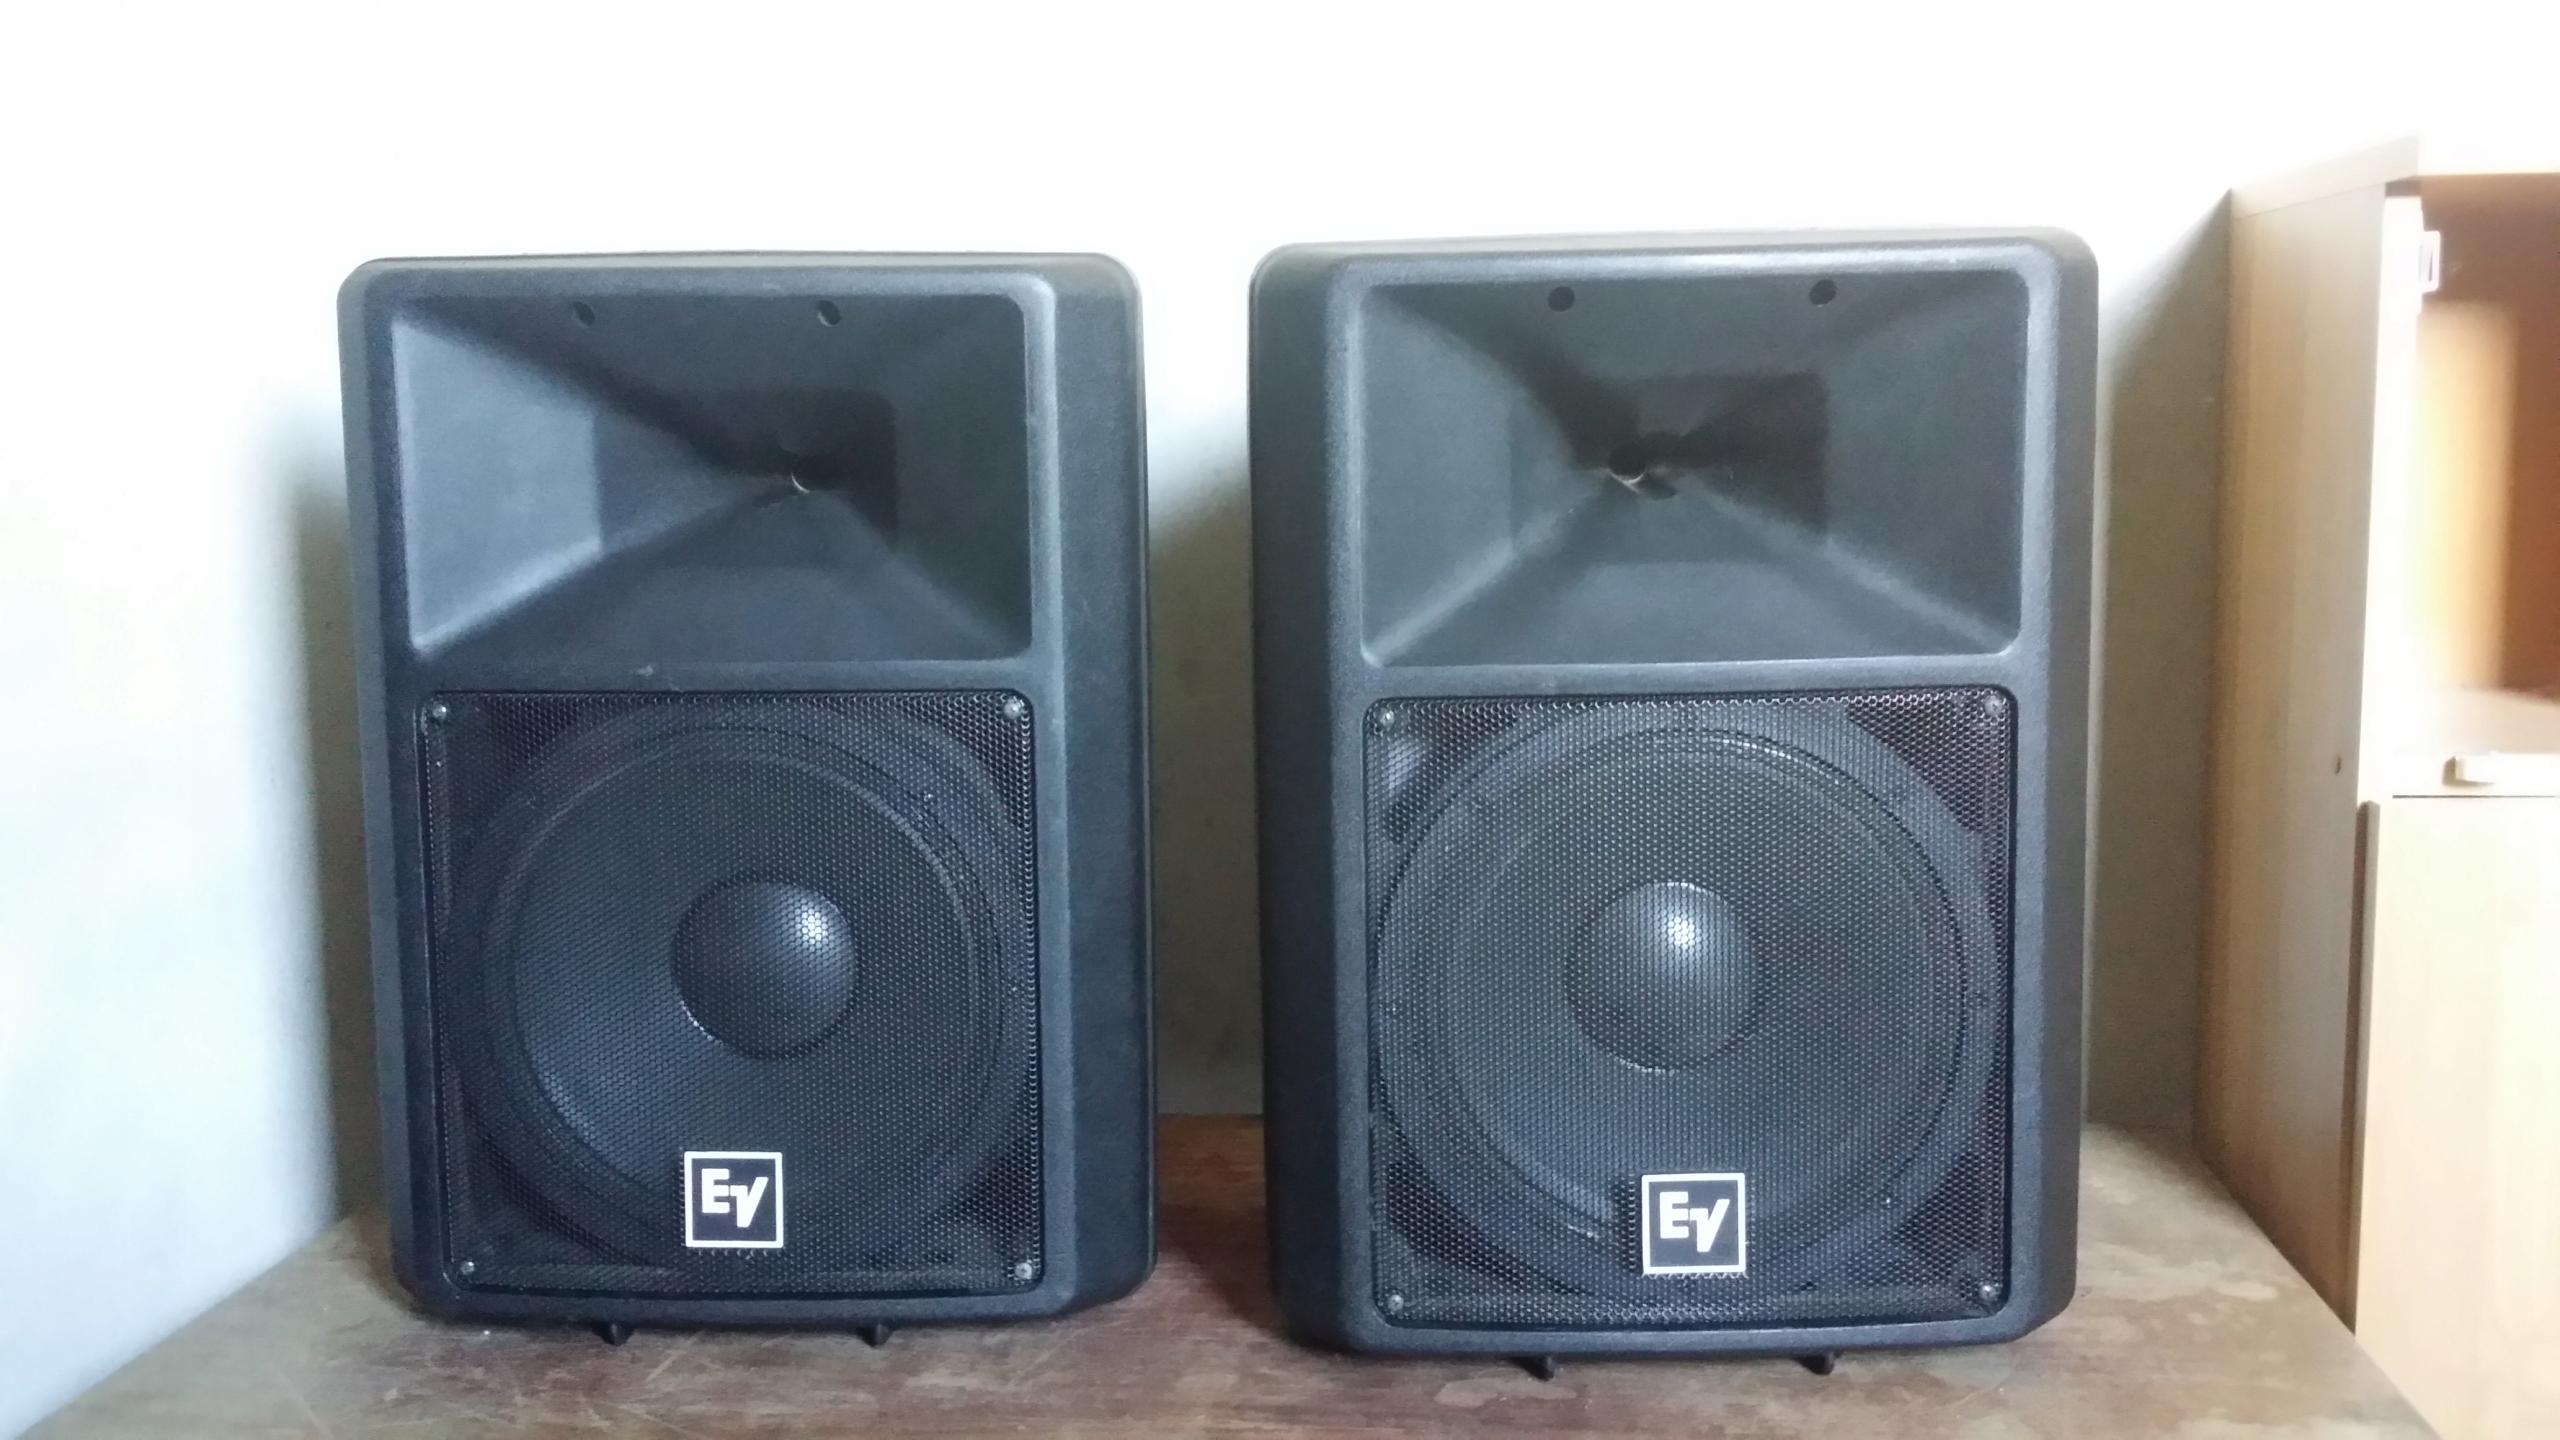 Kolumny Electro Voice sx 300 Pokrowce